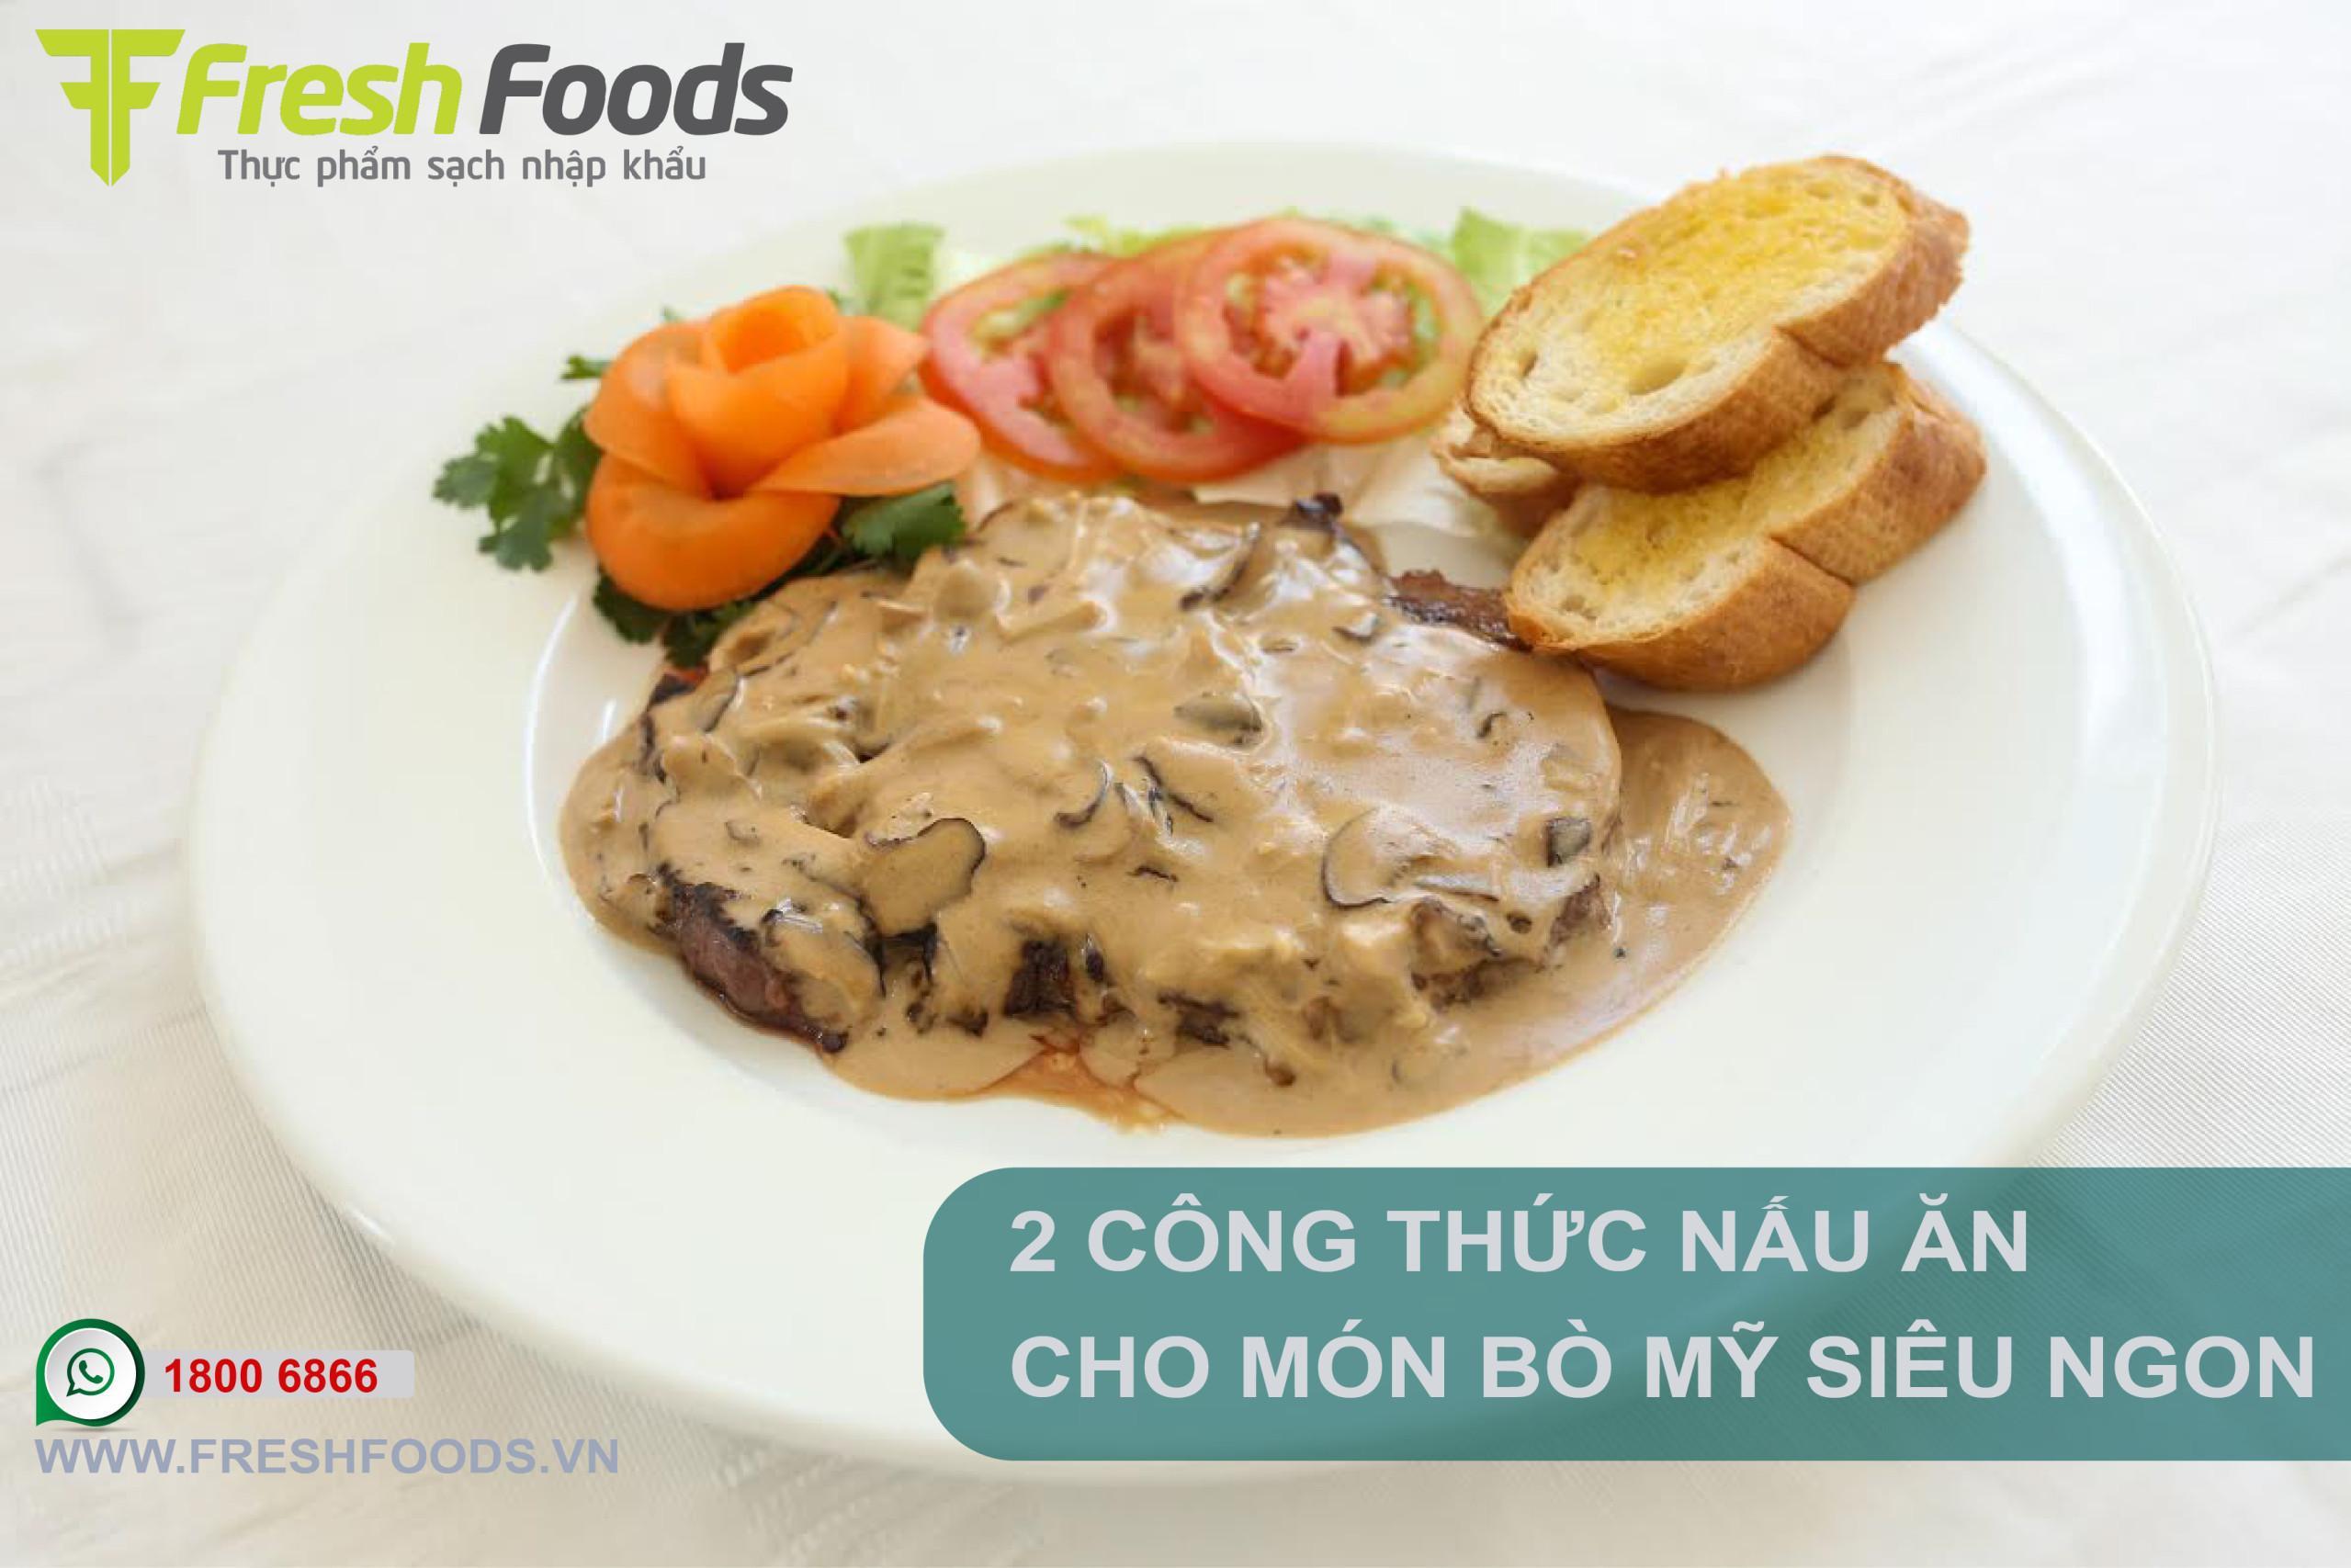 """2 CÔNG THỨC NẤU ĂN CHO MÓN BÒ MỸ """"SIÊU NGON"""""""